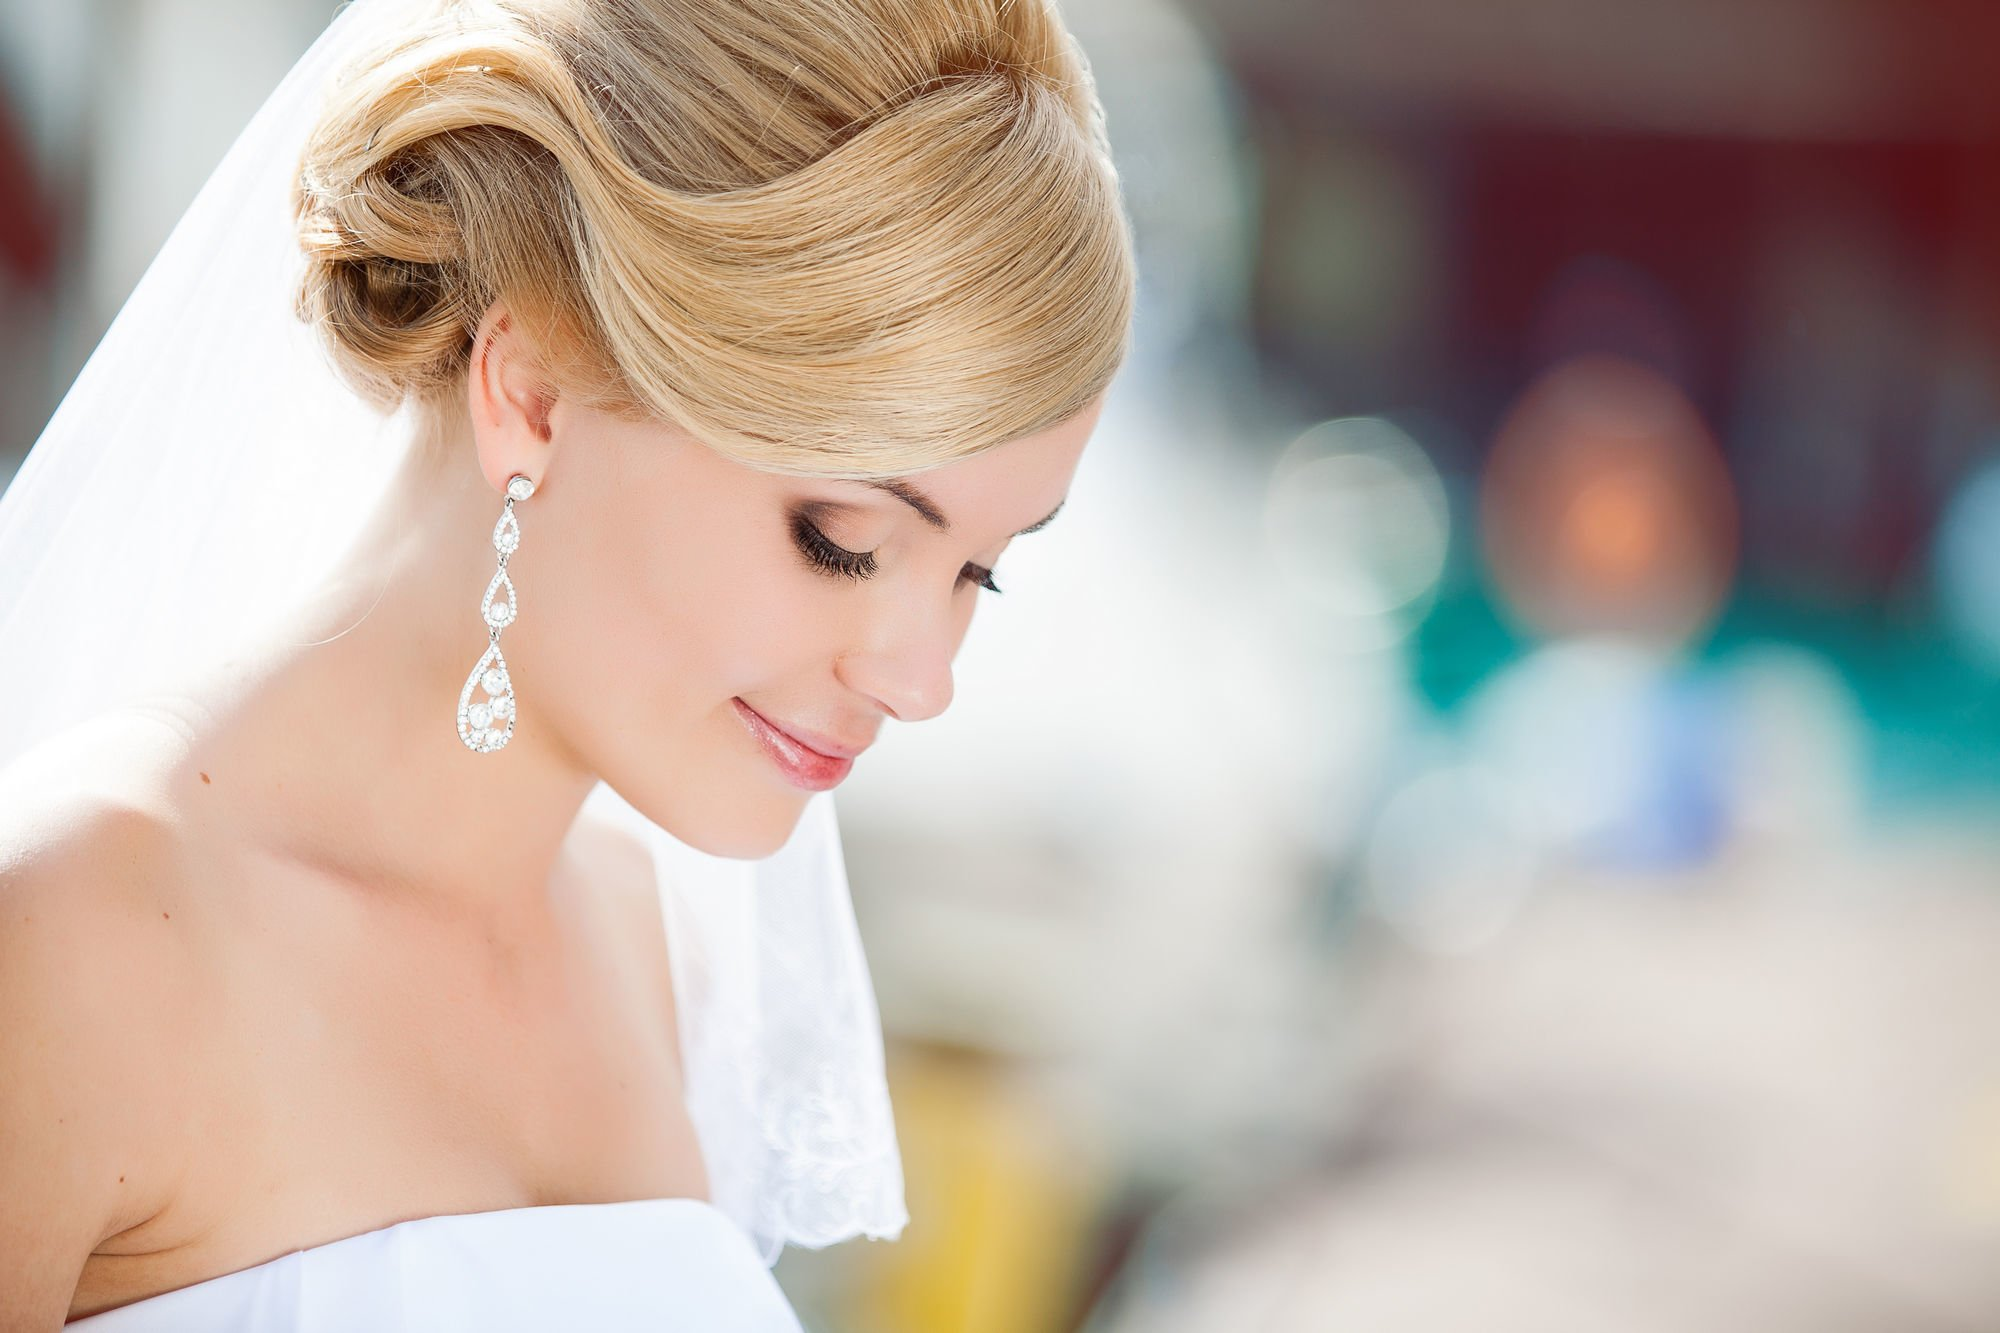 sadebnie_pricheski_na_srednie_volosi_-34 Прически на средние волосы: 100 фото самых стильных укладок